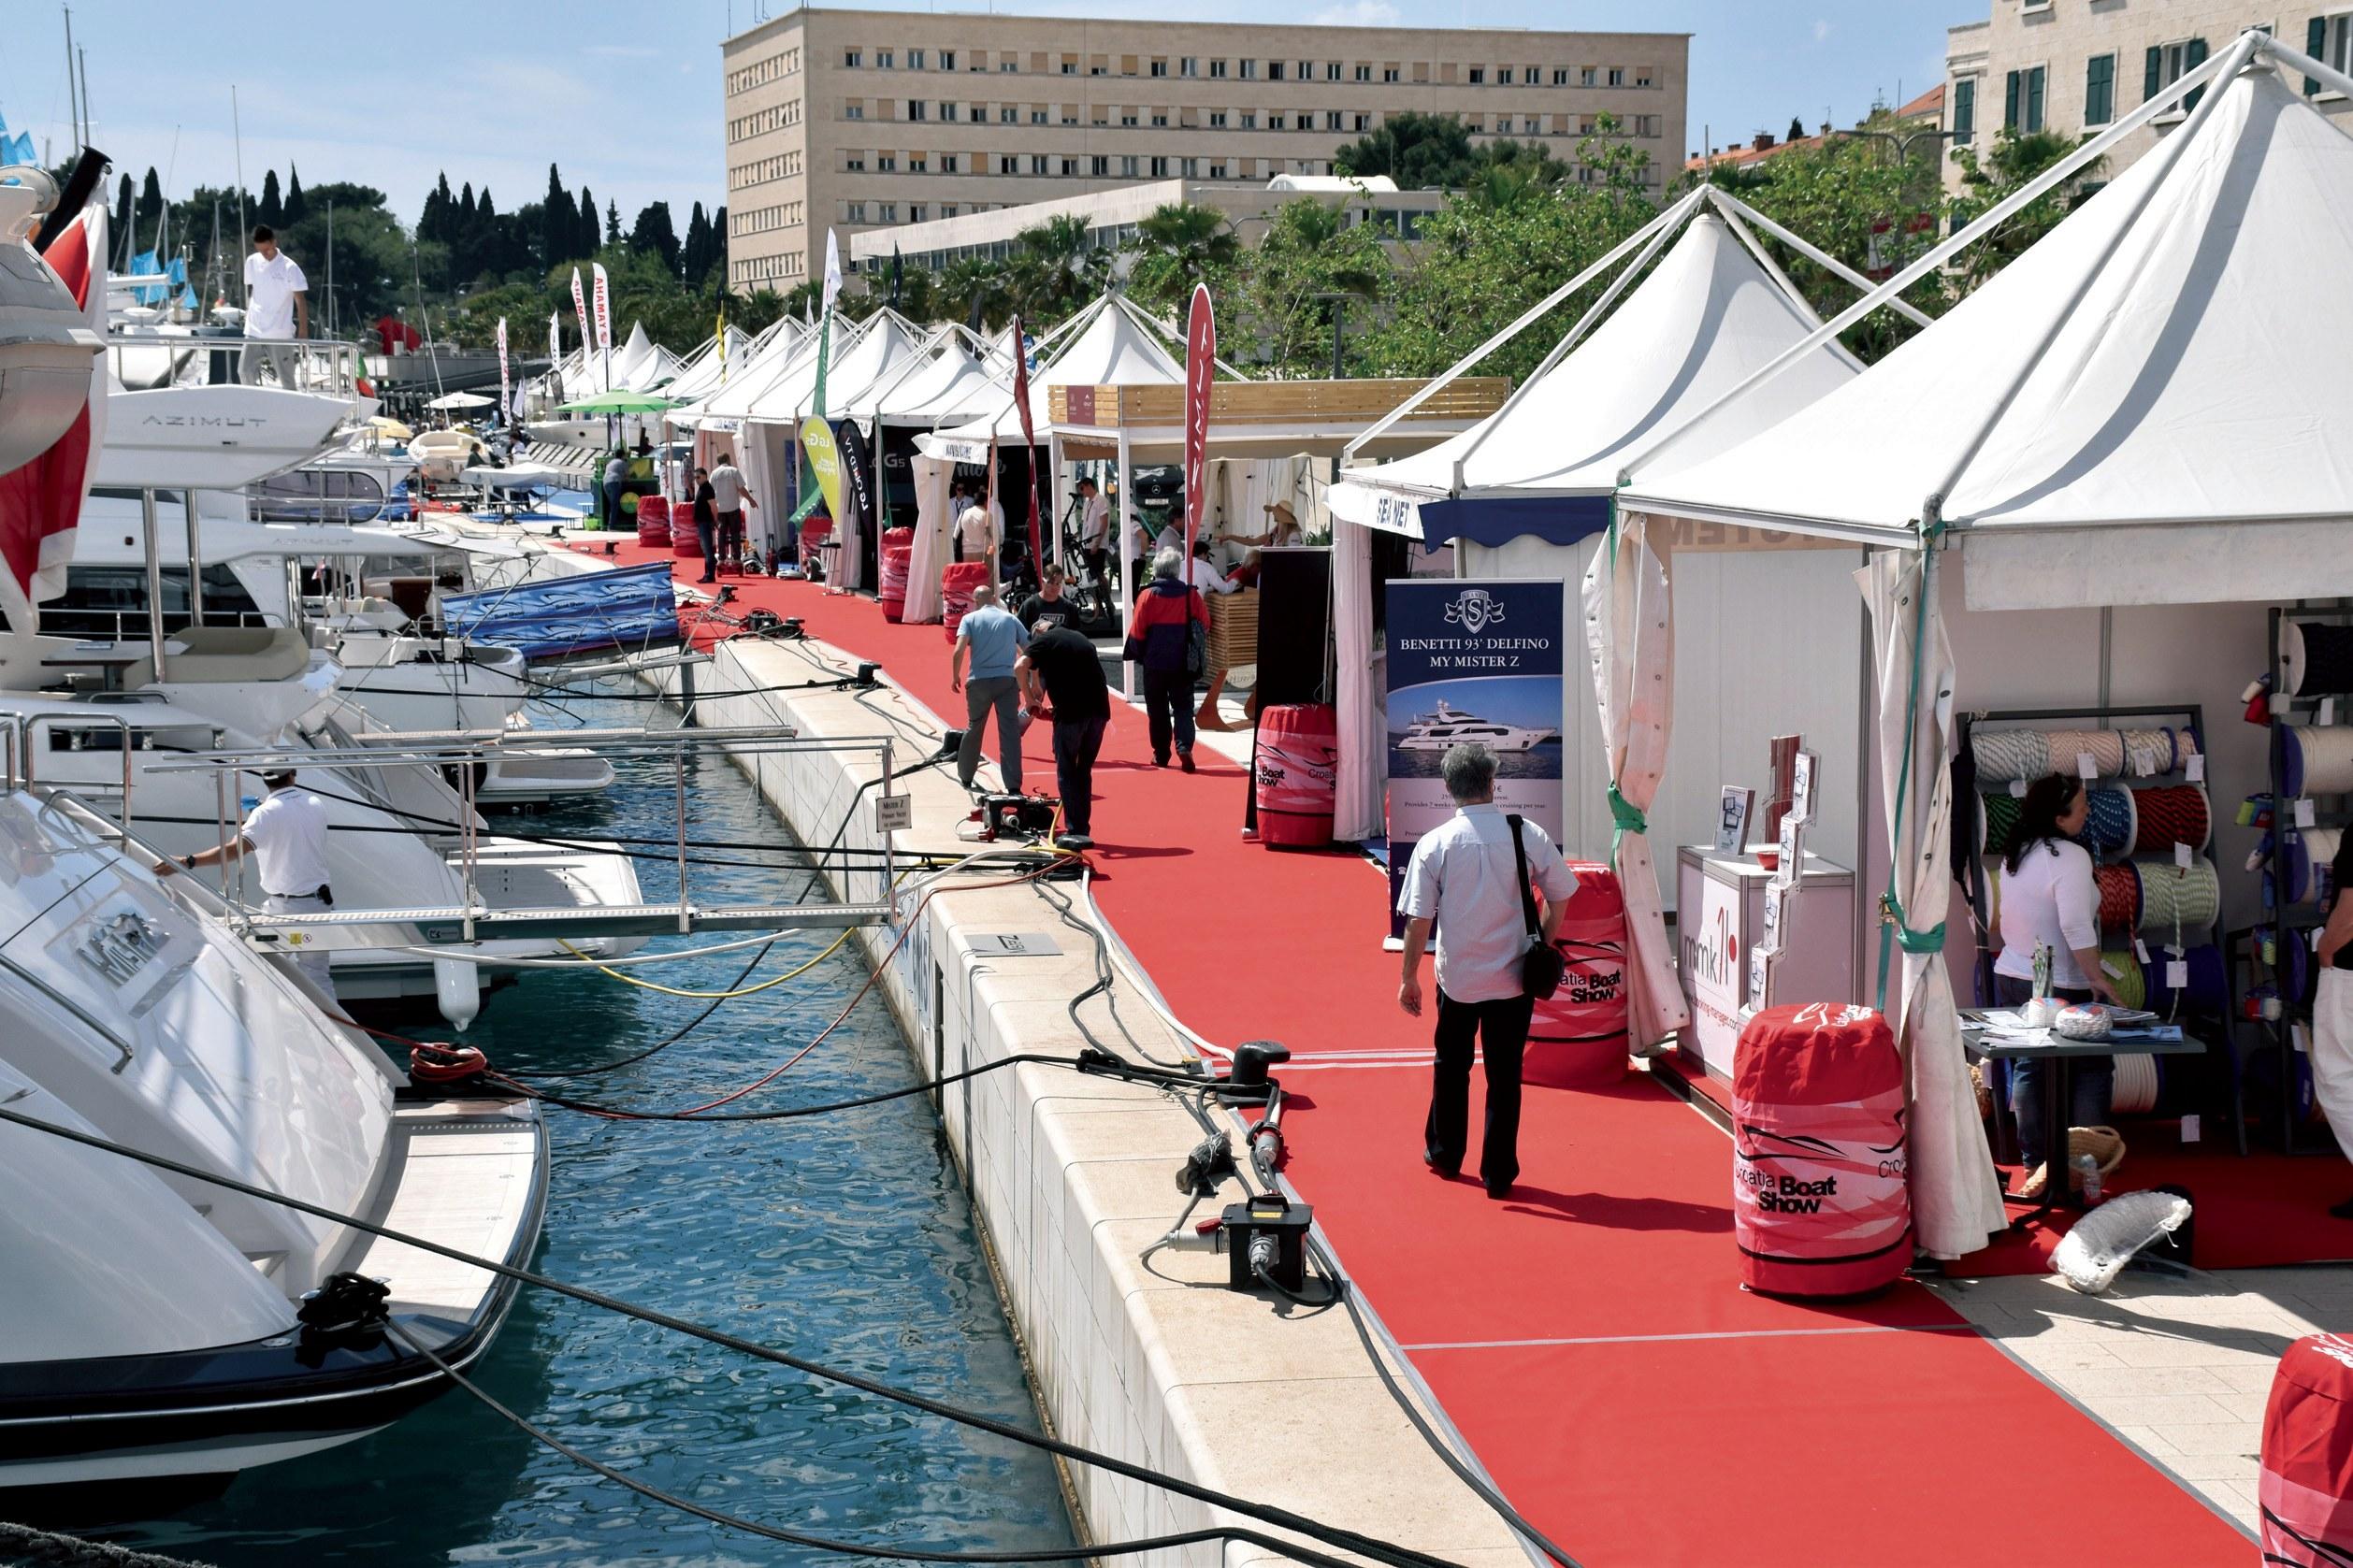 Croatia Boat Show 2016 - kompletno izvješće